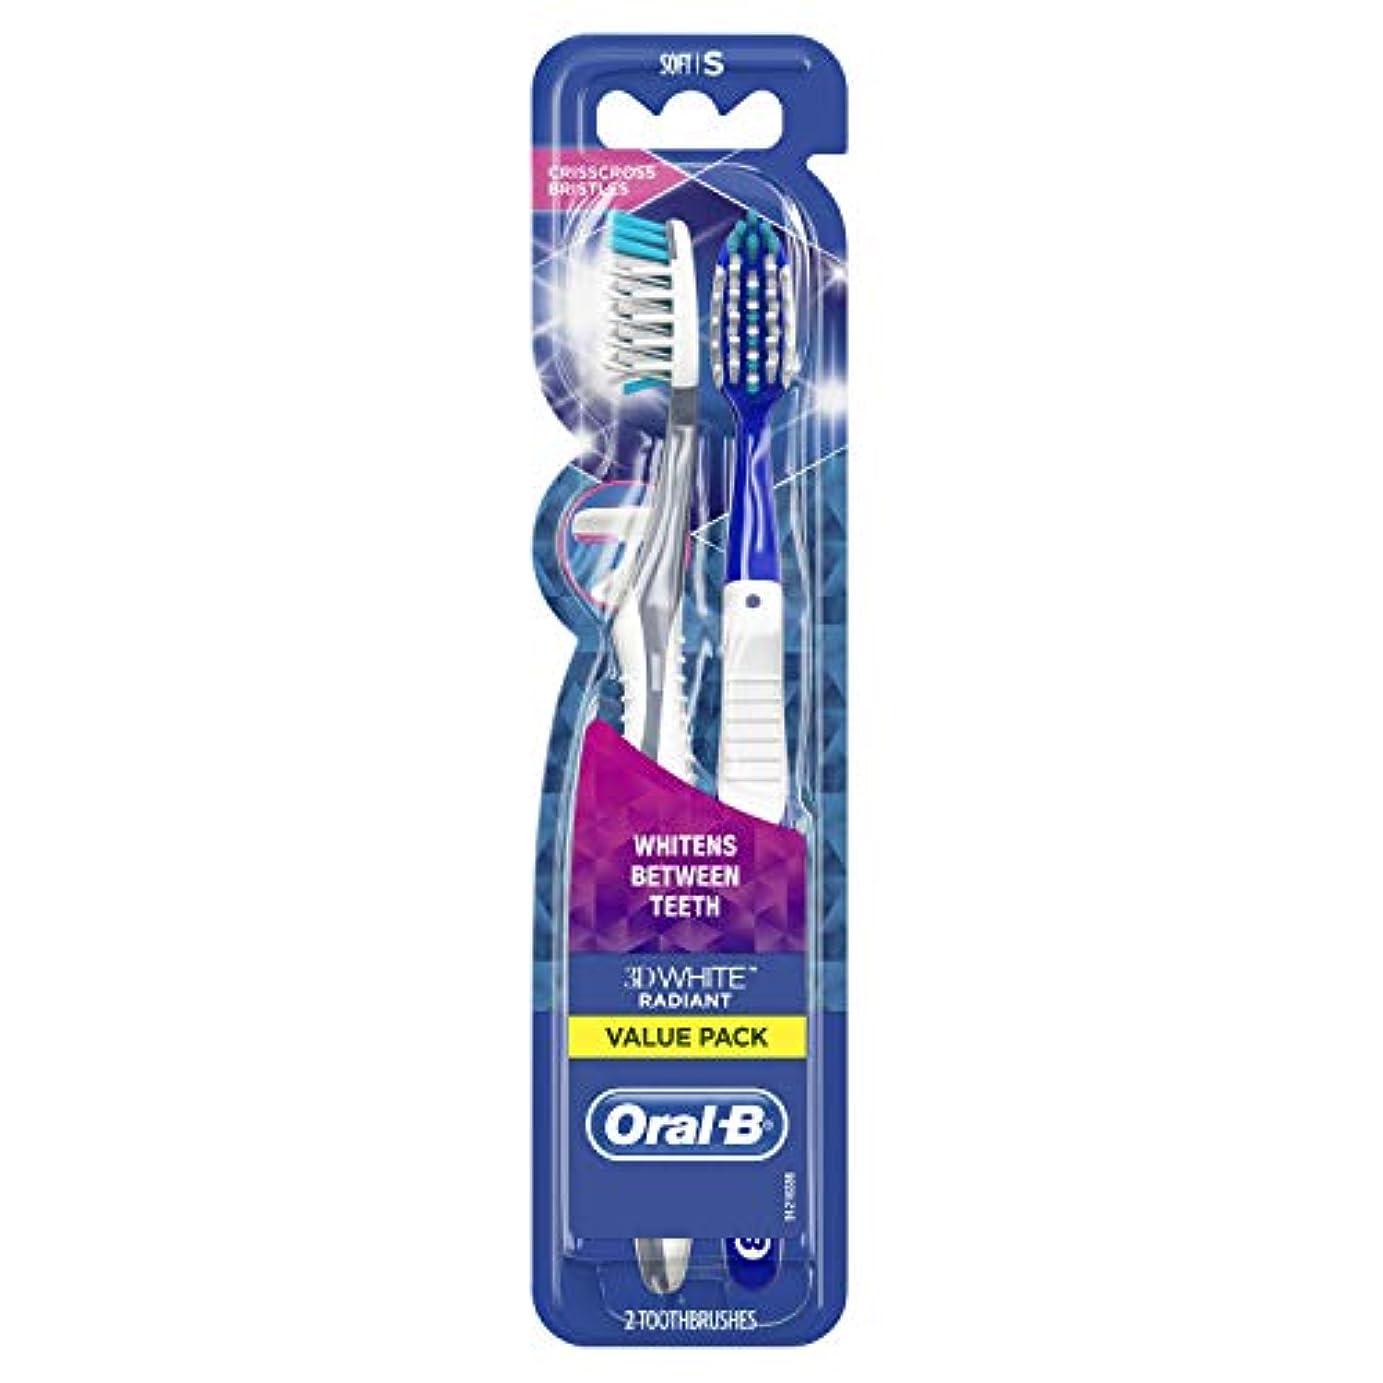 機関に対応ファランクス【Oral-B】バリューパック(2本セット)3DWHITE RADIANT歯ブラシ ソフト(色は多少異なる場合があります)